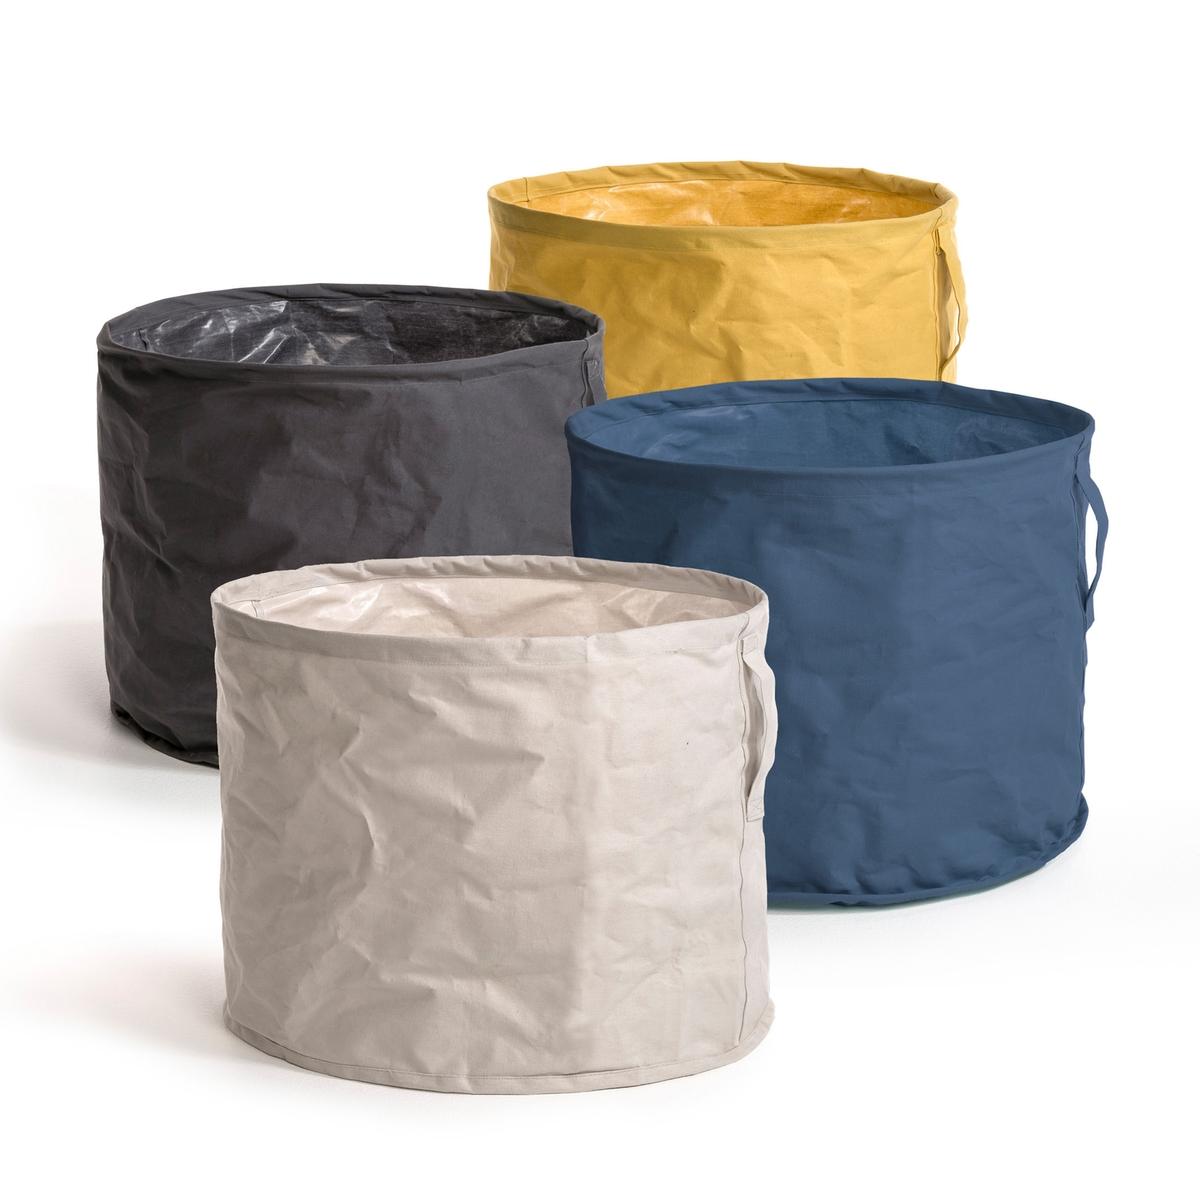 Корзина для хранения вещей, LibraКорзина для хранения вещей Libra . Корзина для хранения с жестким каркасом идеально подходит для игрушек, белья и других вещей. Представлена в 4 цветах и впишется в любую обстановку. Пропитка, 100% хлопка. Вертикальная прошитая ручка. Общие размеры. 40 x 50 см.<br><br>Цвет: желтый,синий,темно-серый<br>Размер: единый размер